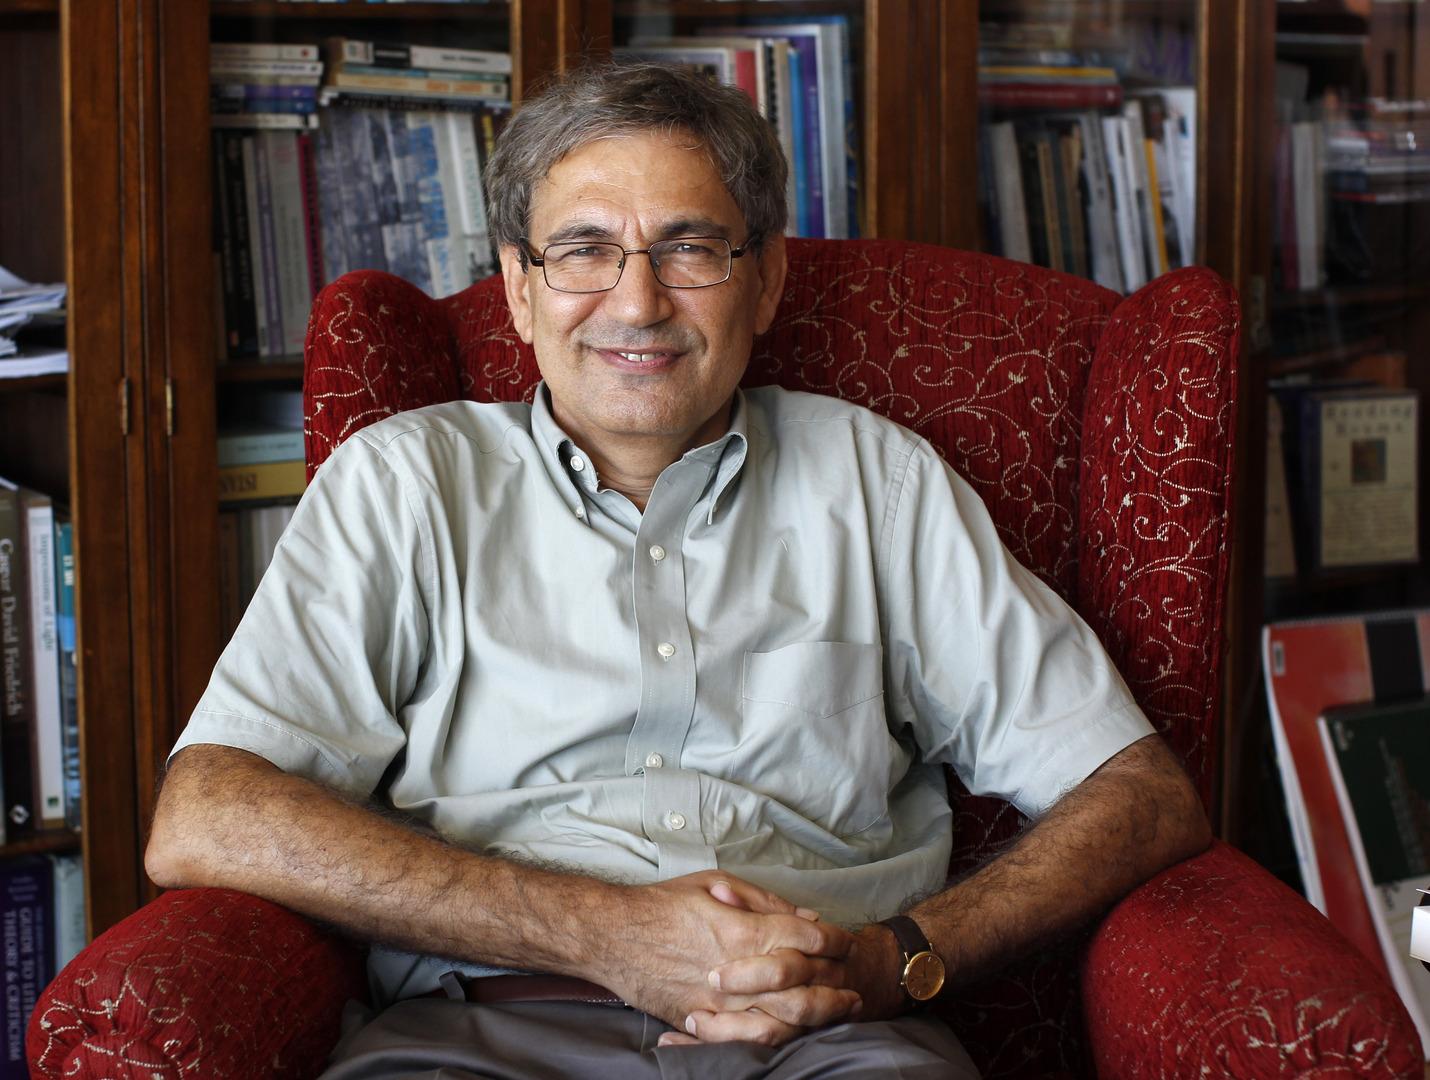 أورهان باموك الروائي التركي الحاصل على نوبل للآداب